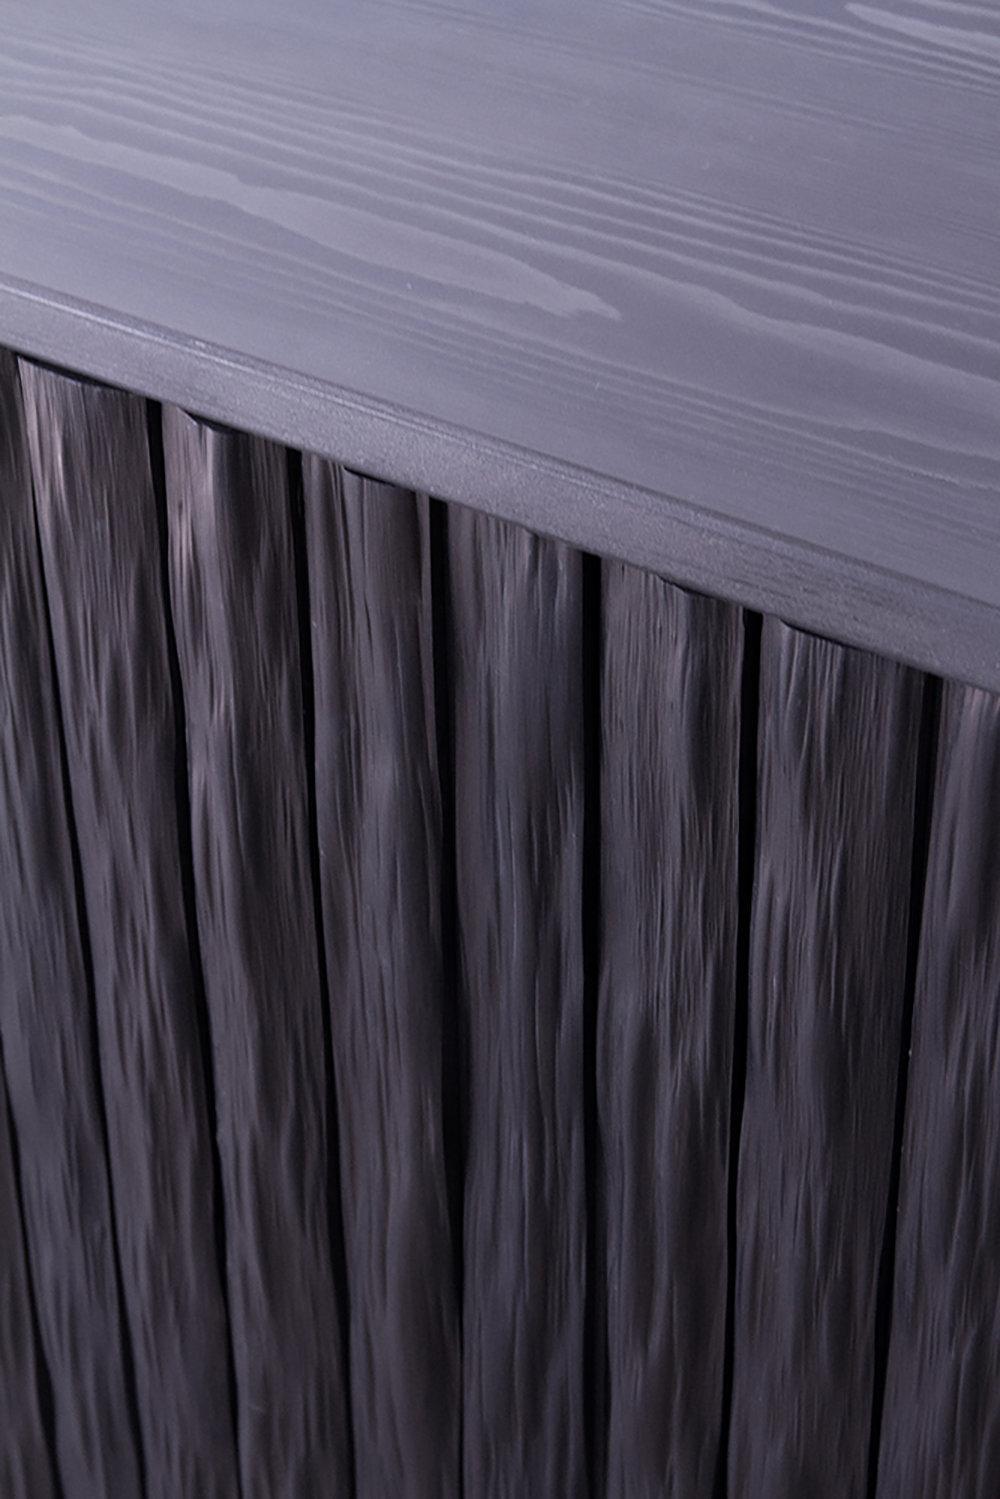 Detail of sideboard in blackened Kitayama cedar.